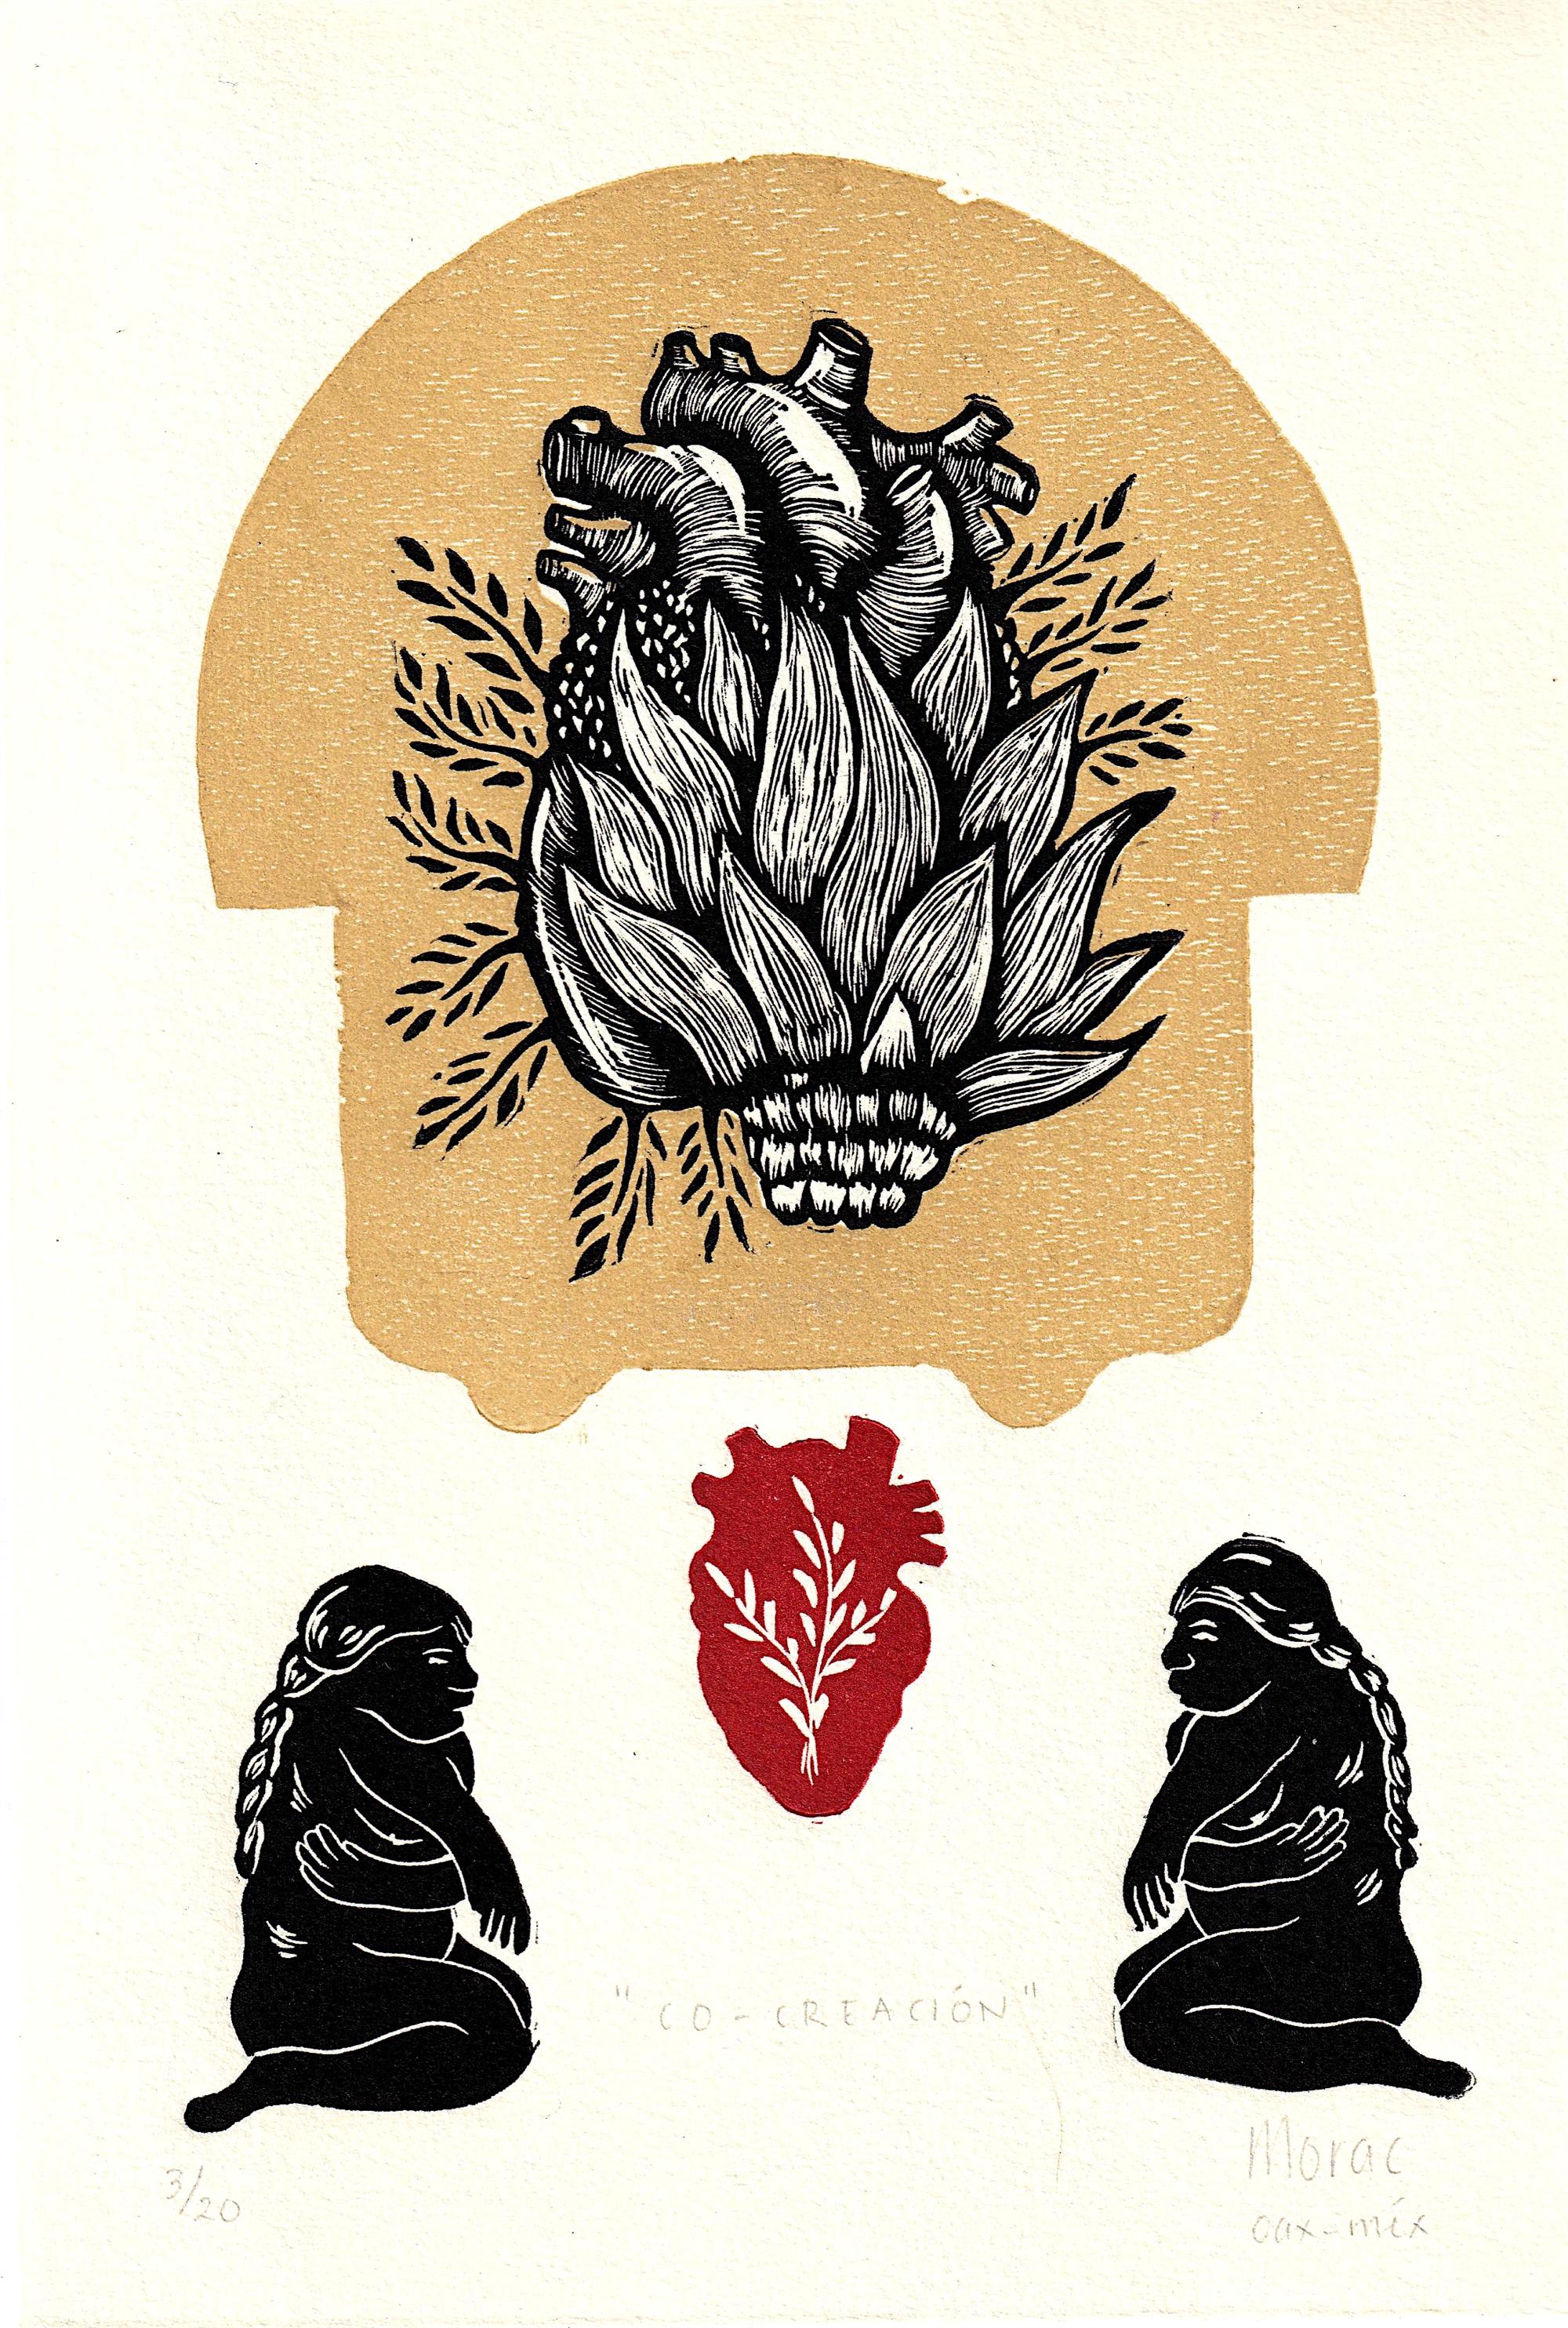 Co-Creación by Gabriela Morac